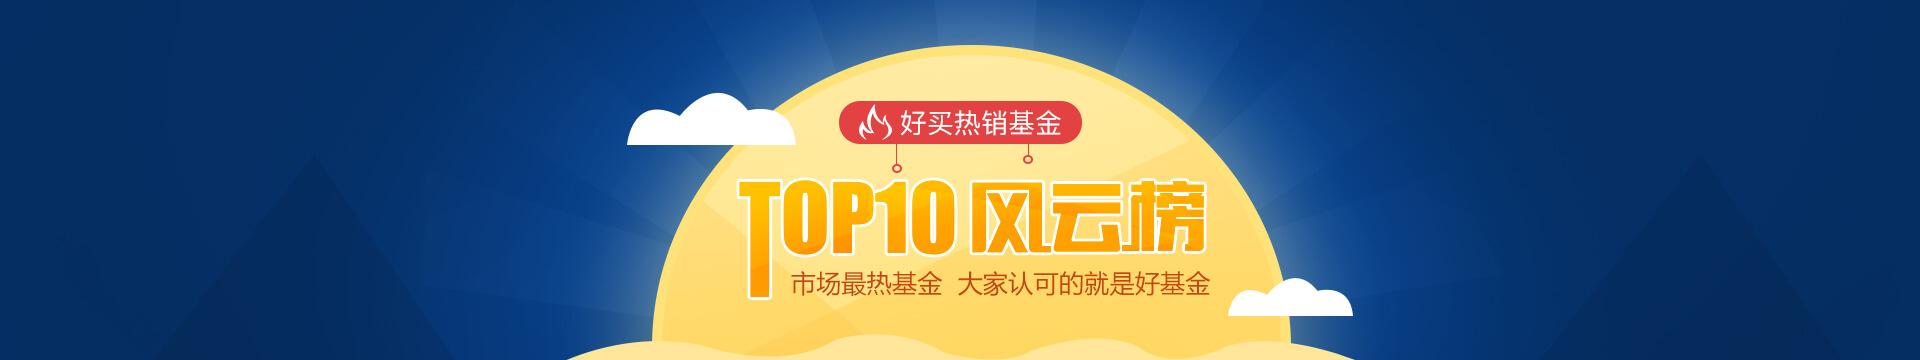 热销基金TOP10